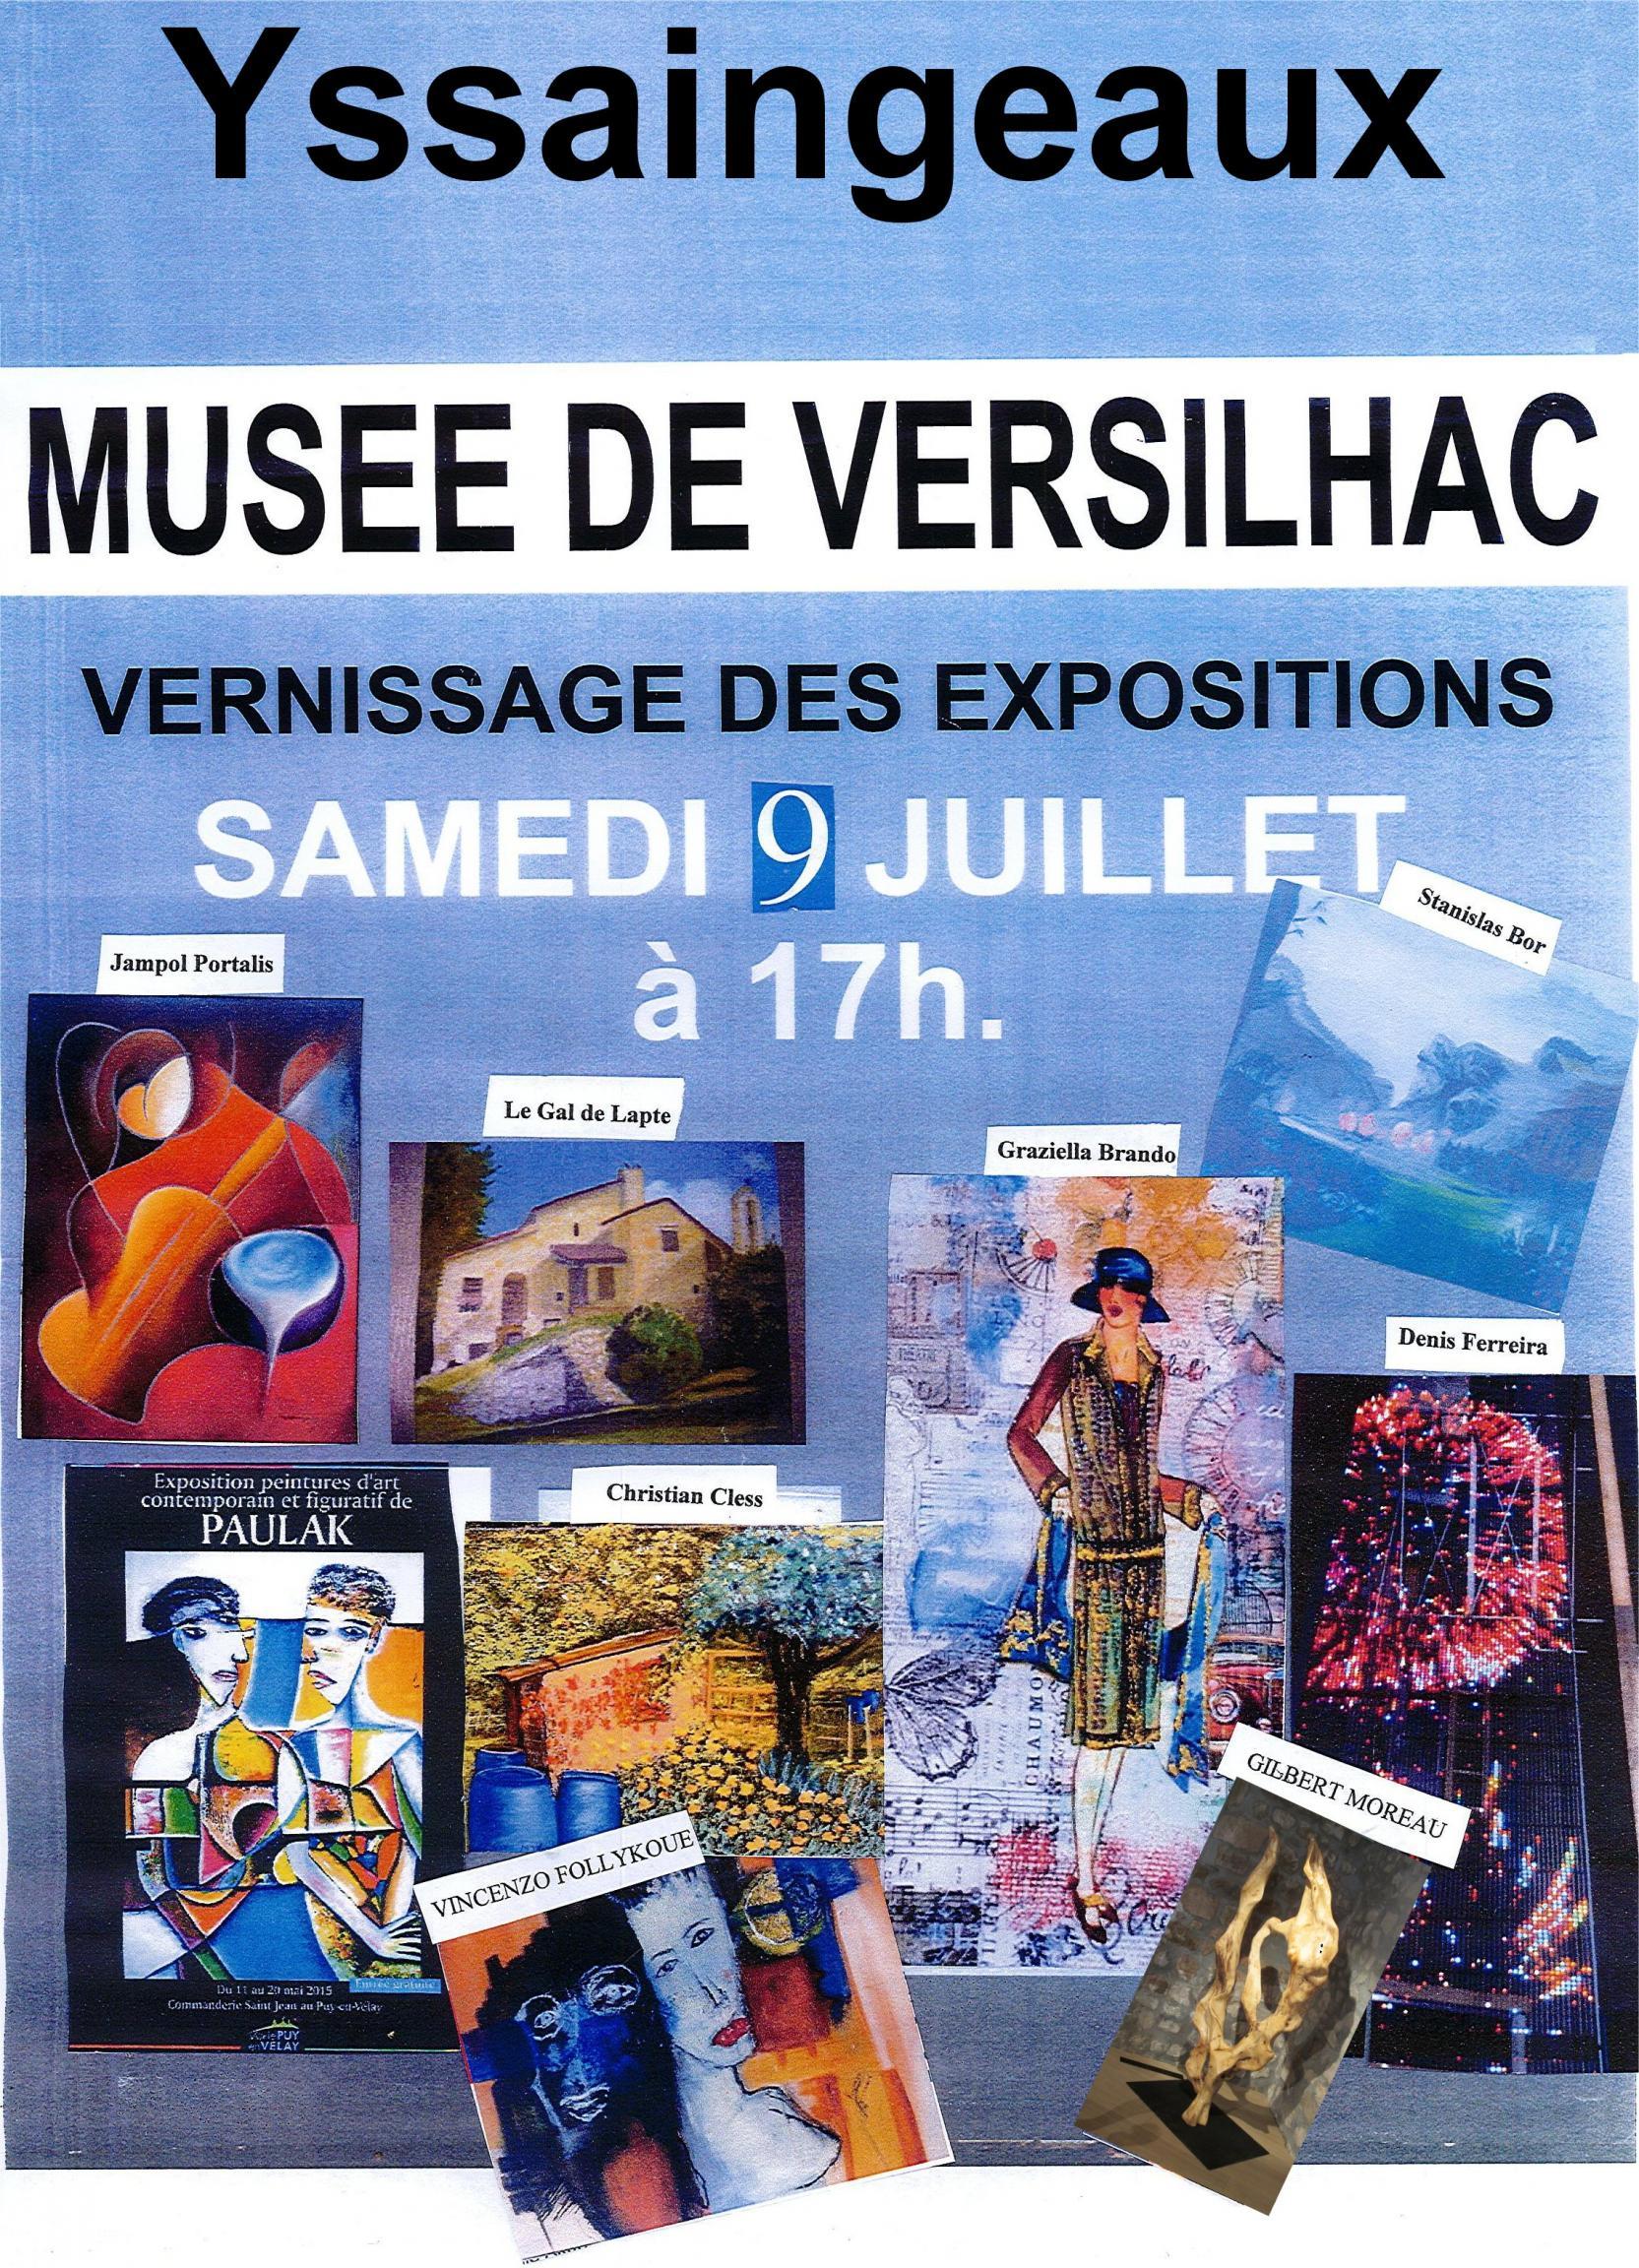 Actualit� de Gilbert Moreau Sculpteur sur bois - Tourneur d'art Vernissage des expositions au mus�e de Versihac